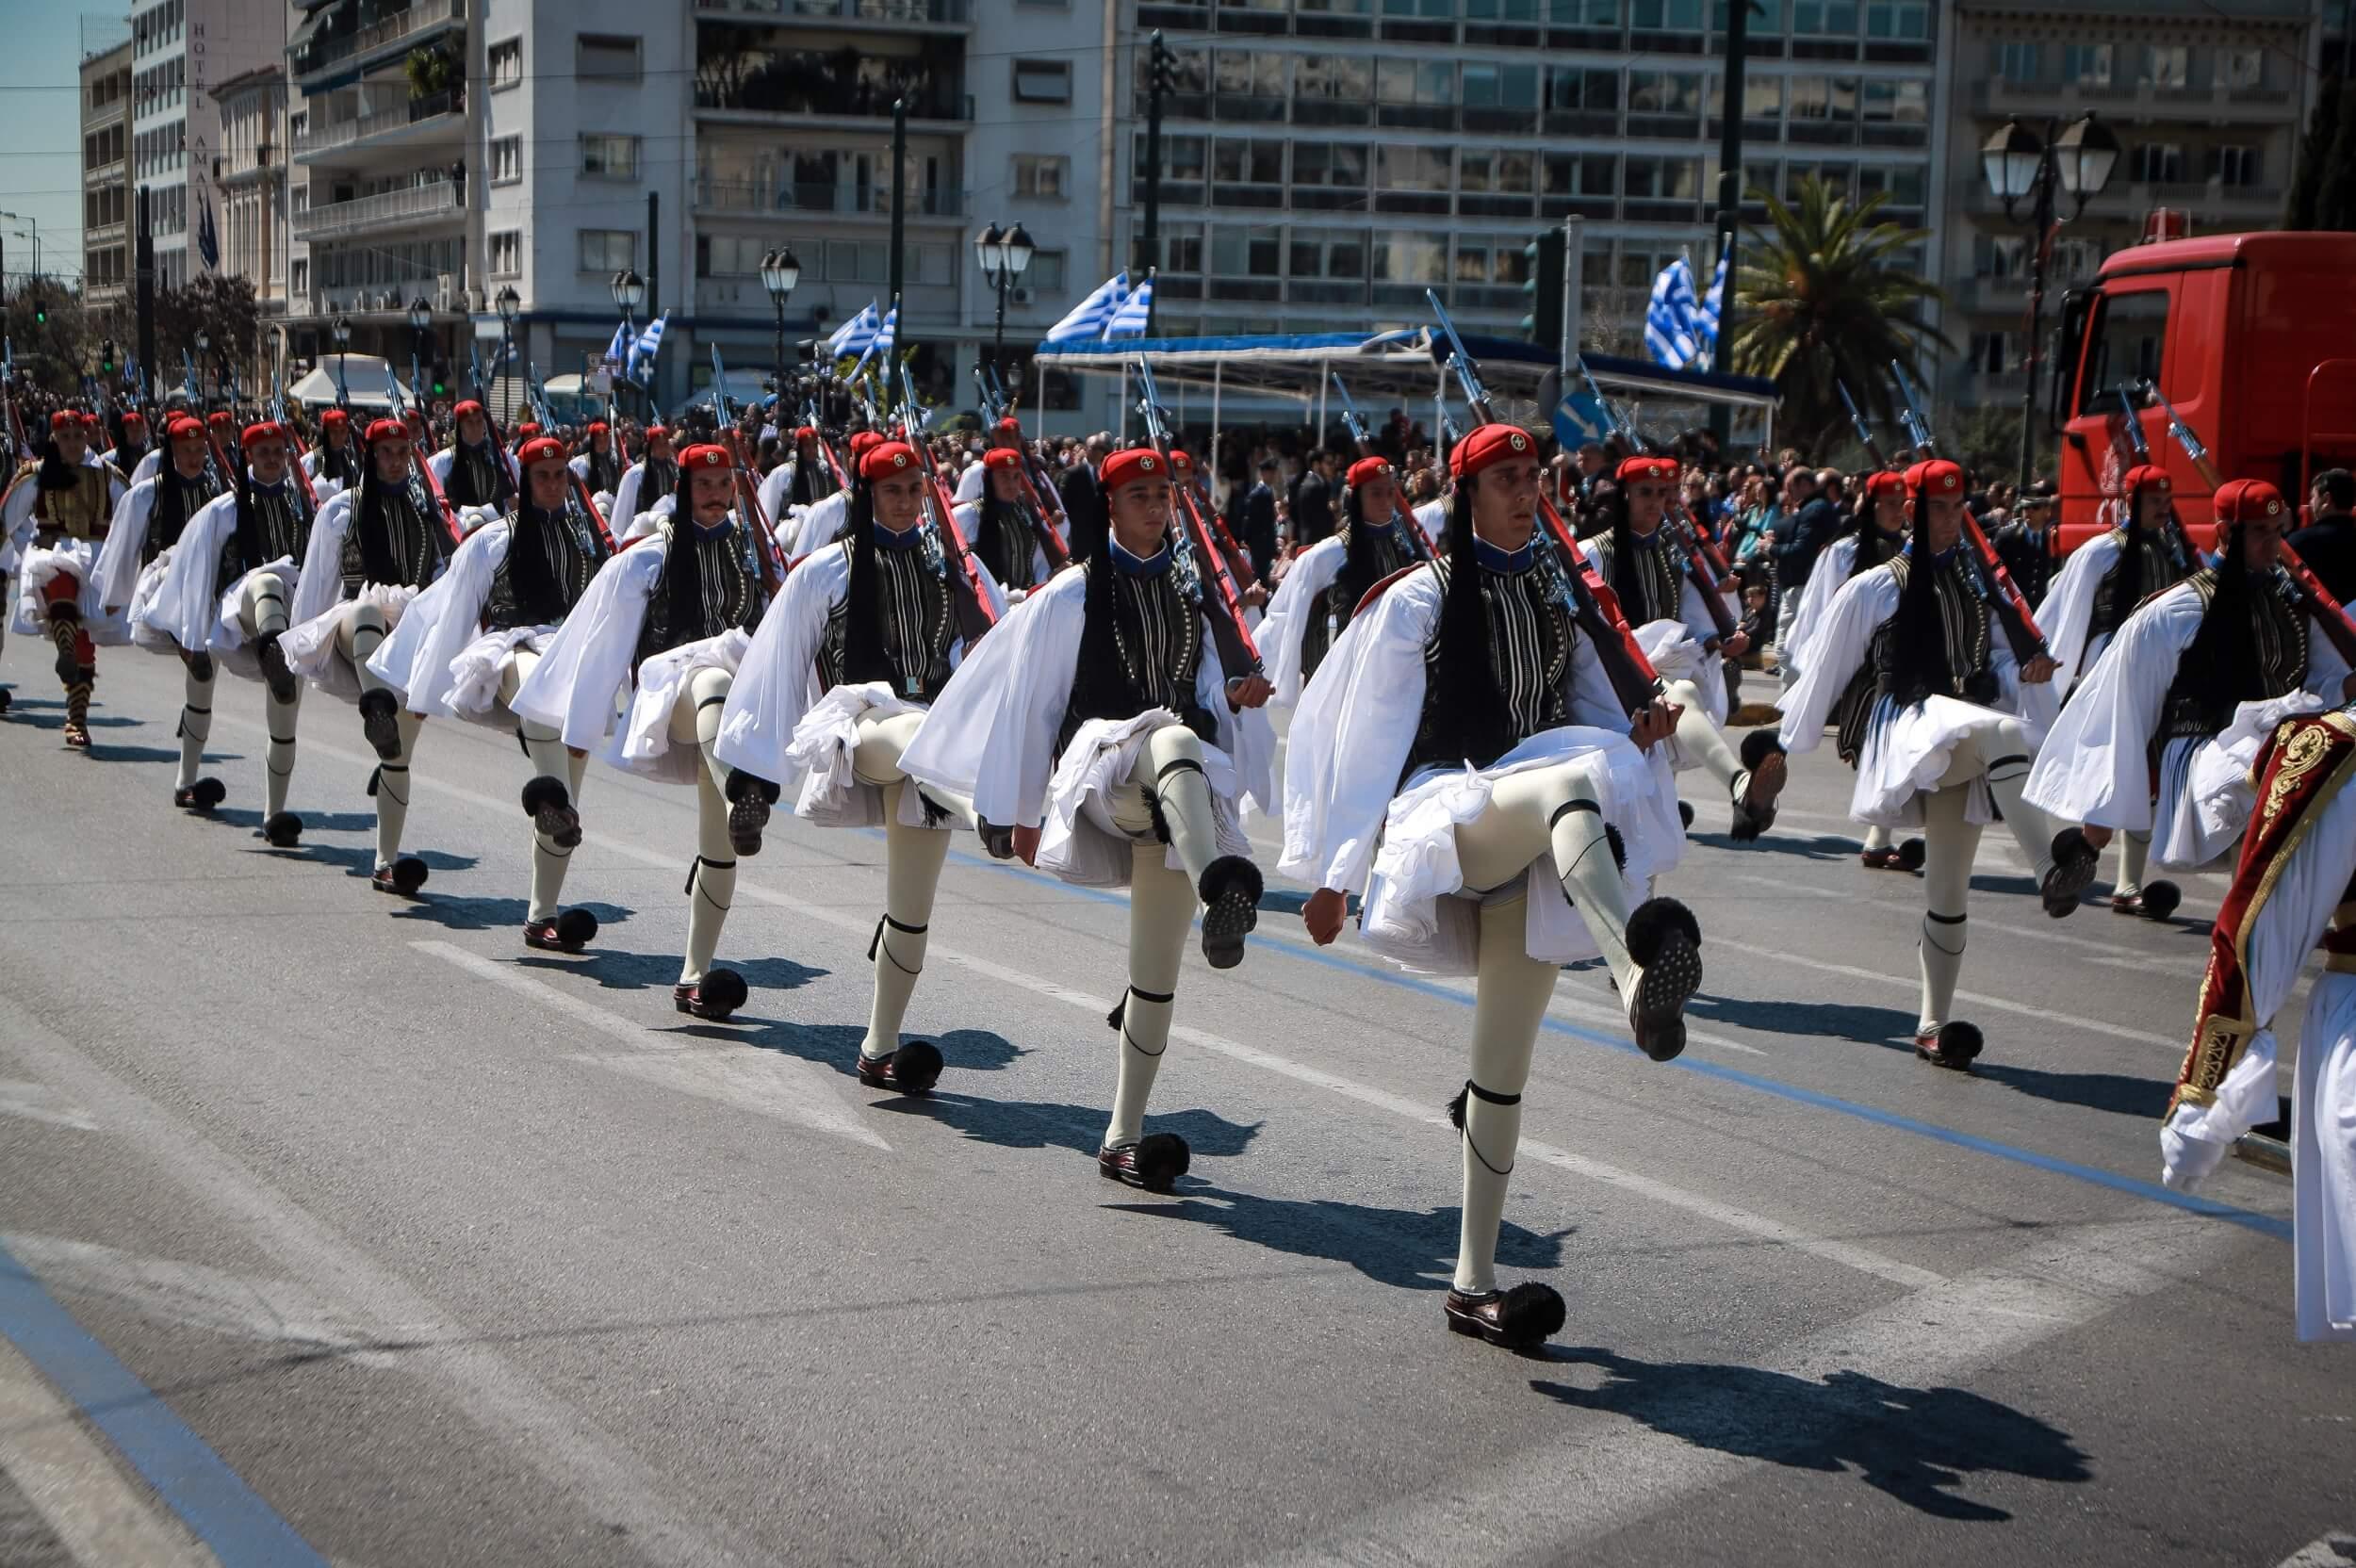 Ακύρωσε την επίσκεψή του στην Ελλάδα ο Εμμανουέλ Μακρόν-Δρακόντεια μέτρα ασφαλείας το διήμερο του εορτασμού